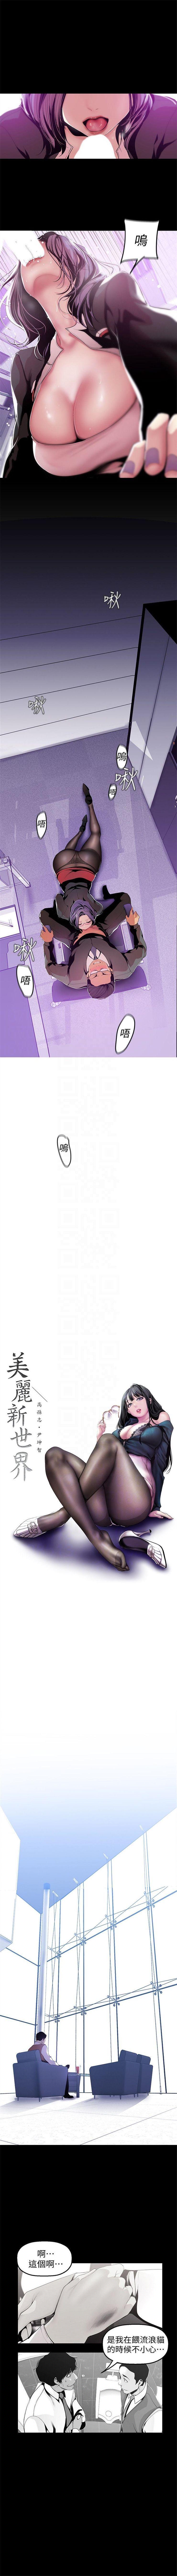 (周6)美丽新世界 1-61 中文翻译 (更新中) 342